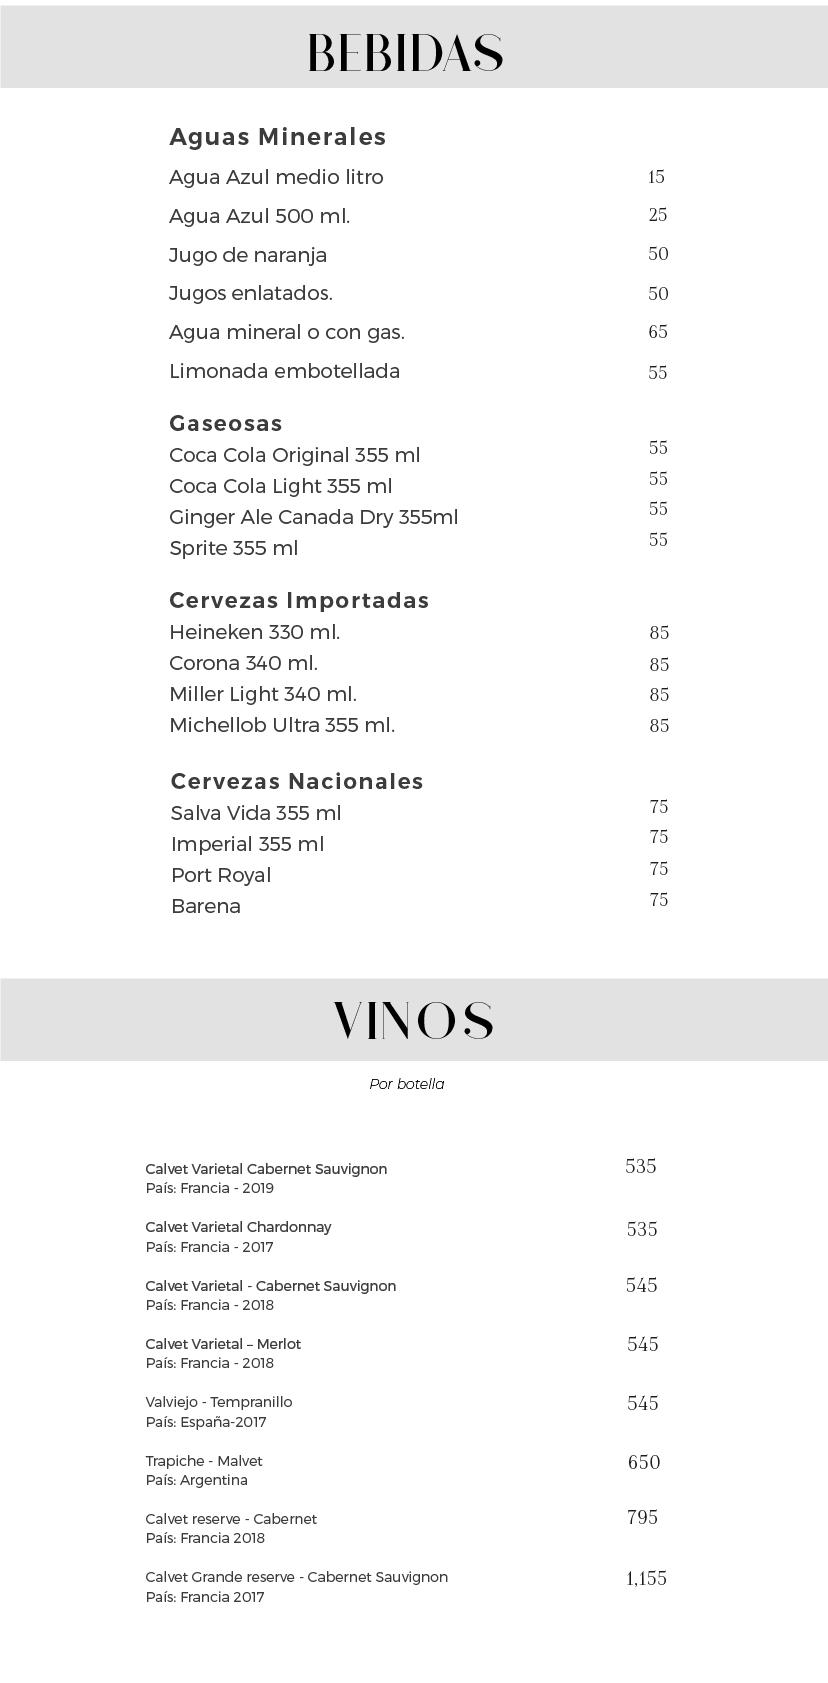 bebidasSM-8.png